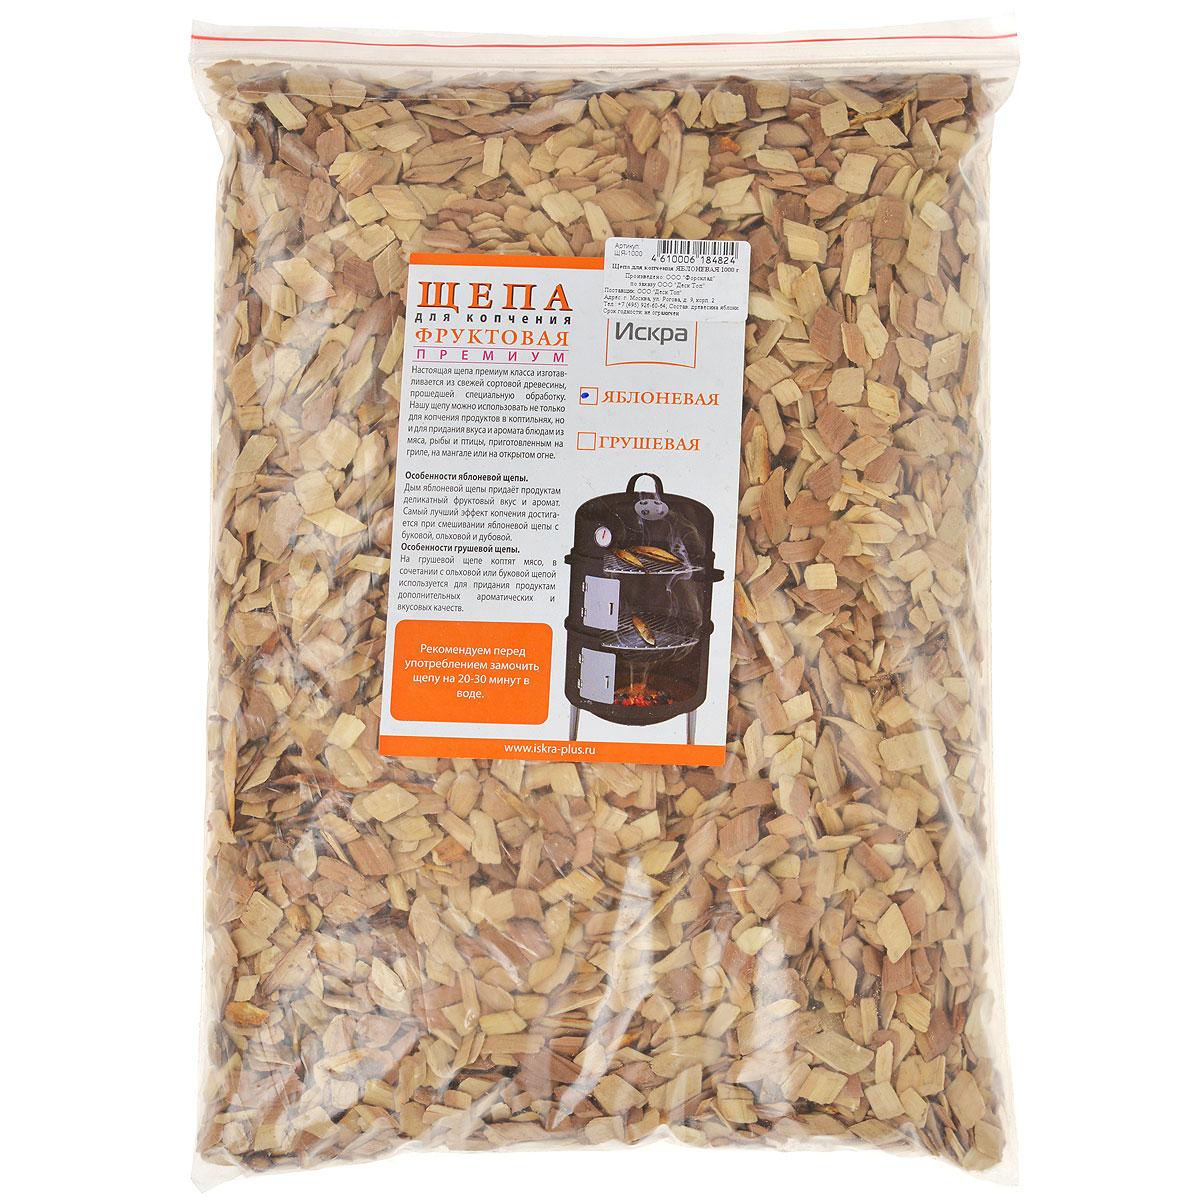 Щепа для копчения Искра Яблоневая, 1 кгЩЯ-1000Щепа для копчения Искра Яблоневая - это настоящая щепа премиум класса, которая изготавливается из свежей сортовой древесины, прошедшей специальную обработку. Такую щепу можно использовать не только для копчения в коптильнях, но и для придания вкуса и аромата блюдам из мяса, рыбы и птицы, приготовленным на гриле, на мангале или на открытом огне. Дым яблоневой щепы придает продуктам деликатный фруктовый вкус и аромат. Самый лучший эффект копчения достигается при смешивания яблоневой щепы с буковой, ольховой и дубовой. Рекомендуется перед употреблением замочить щепу на 20-30 минут в воде. Фракция: 3-8 мм. Вес: 1 кг. Влажность: 15-20%.